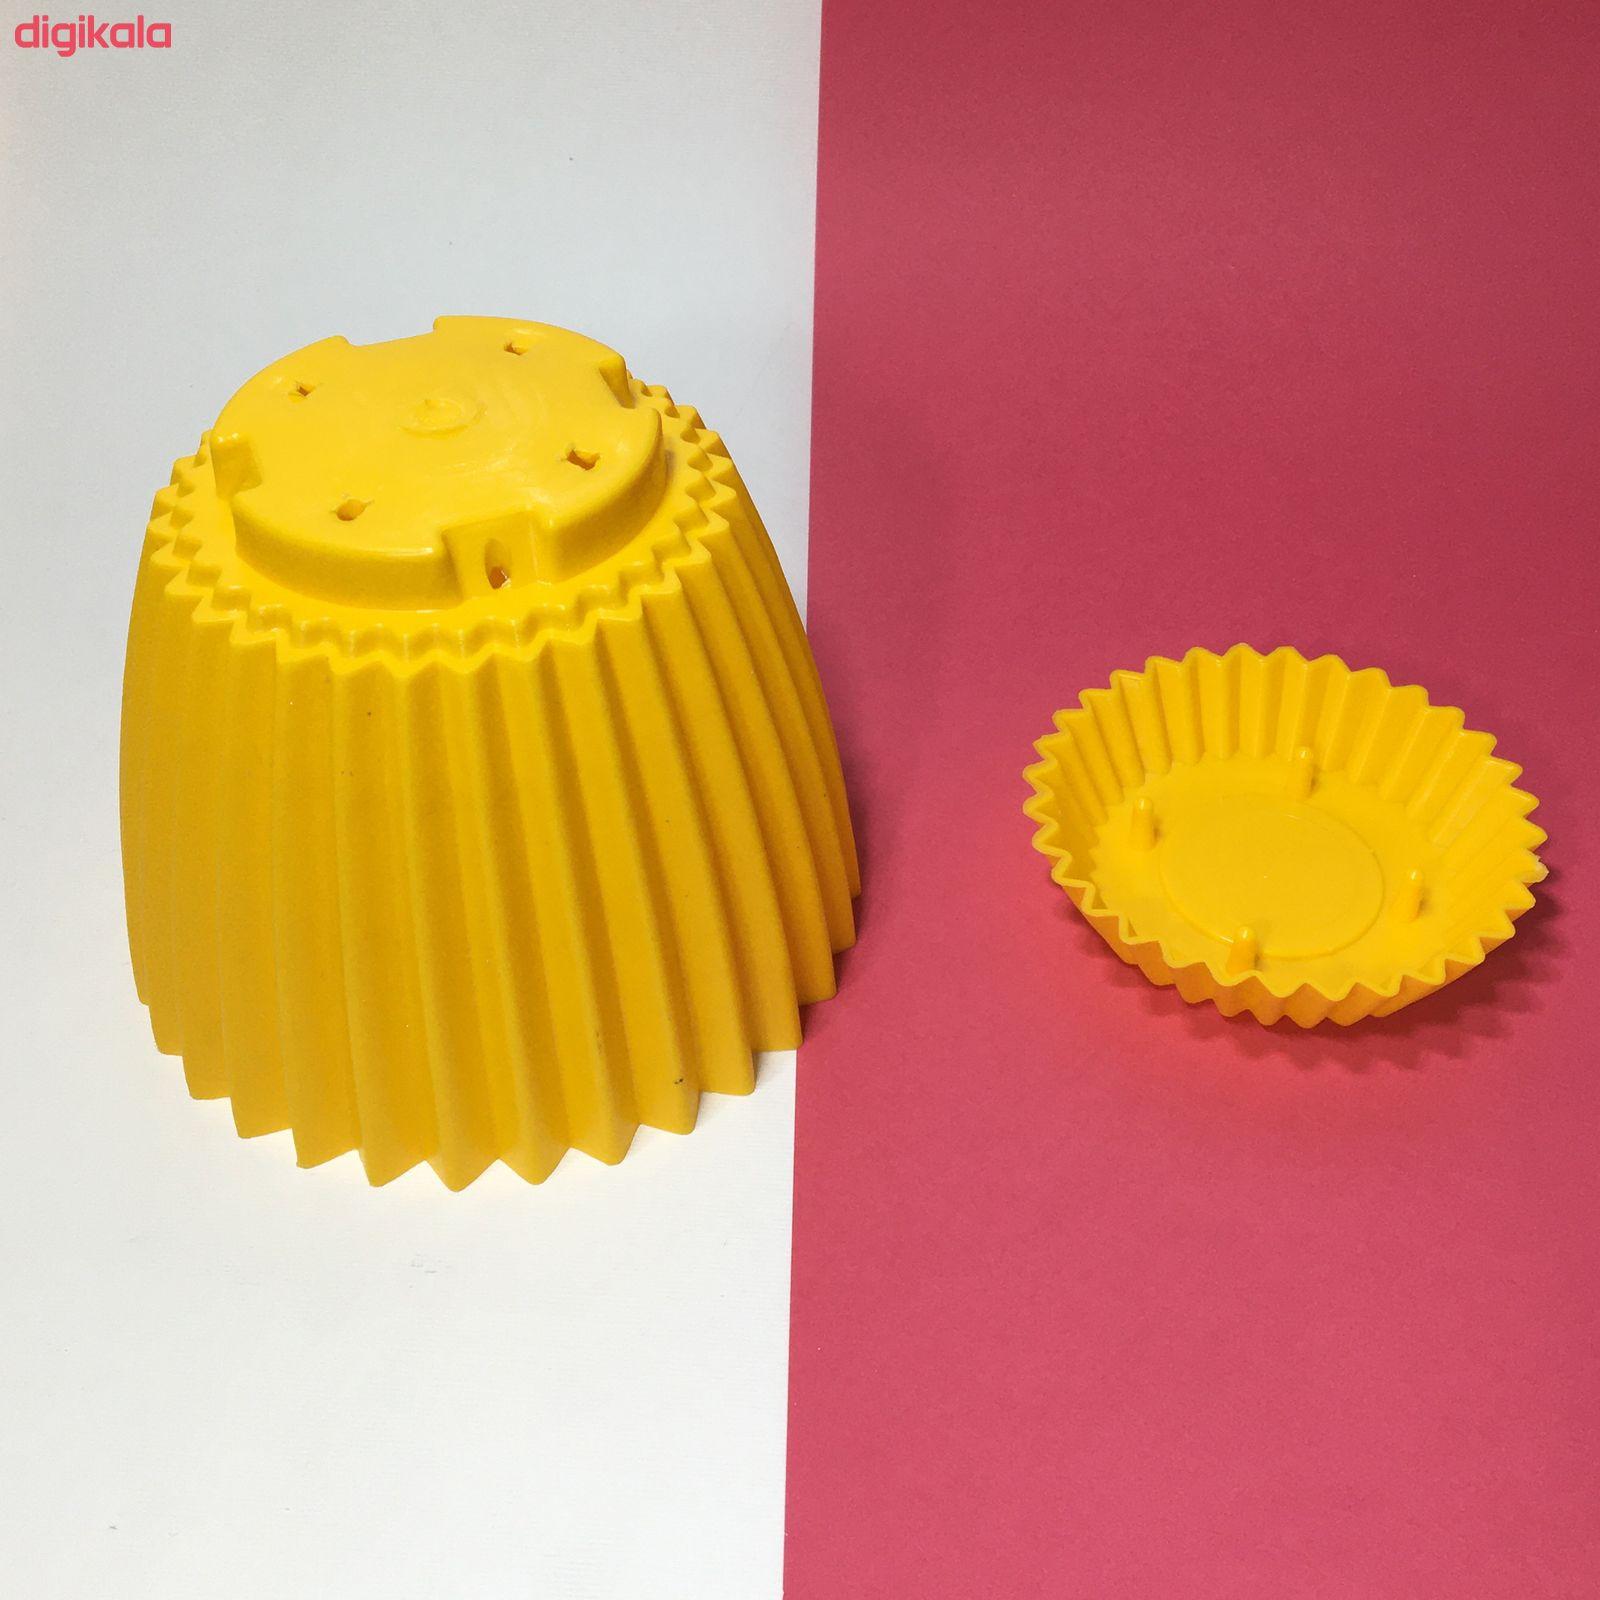 گلدان دانیال پلاستیک کد 208 main 1 6